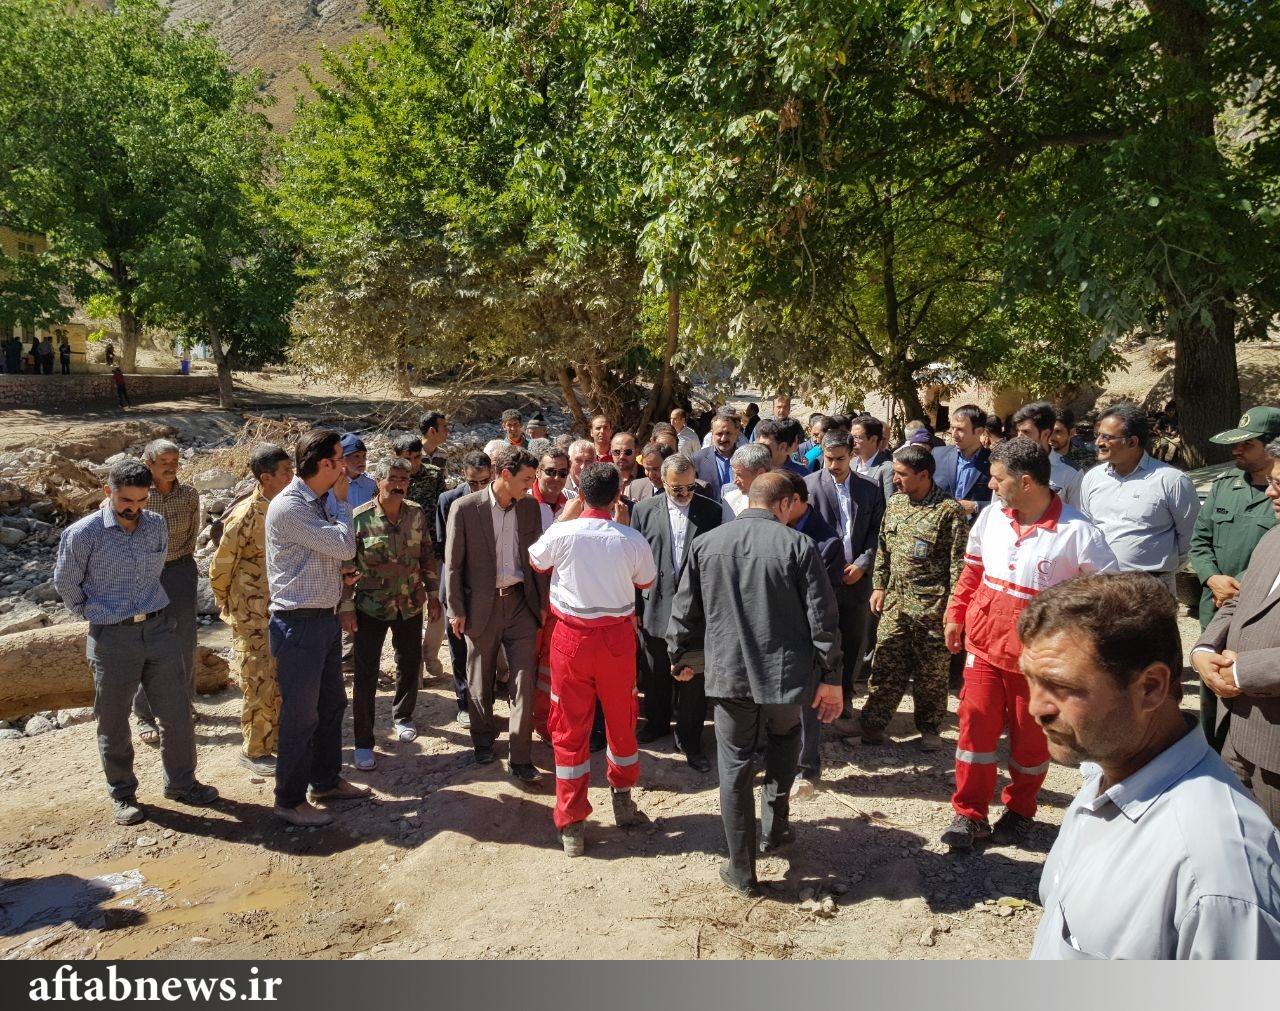 گزارش تصویری از بازدید نوبخت از مناطق سیل زده استان خراسان رضوی